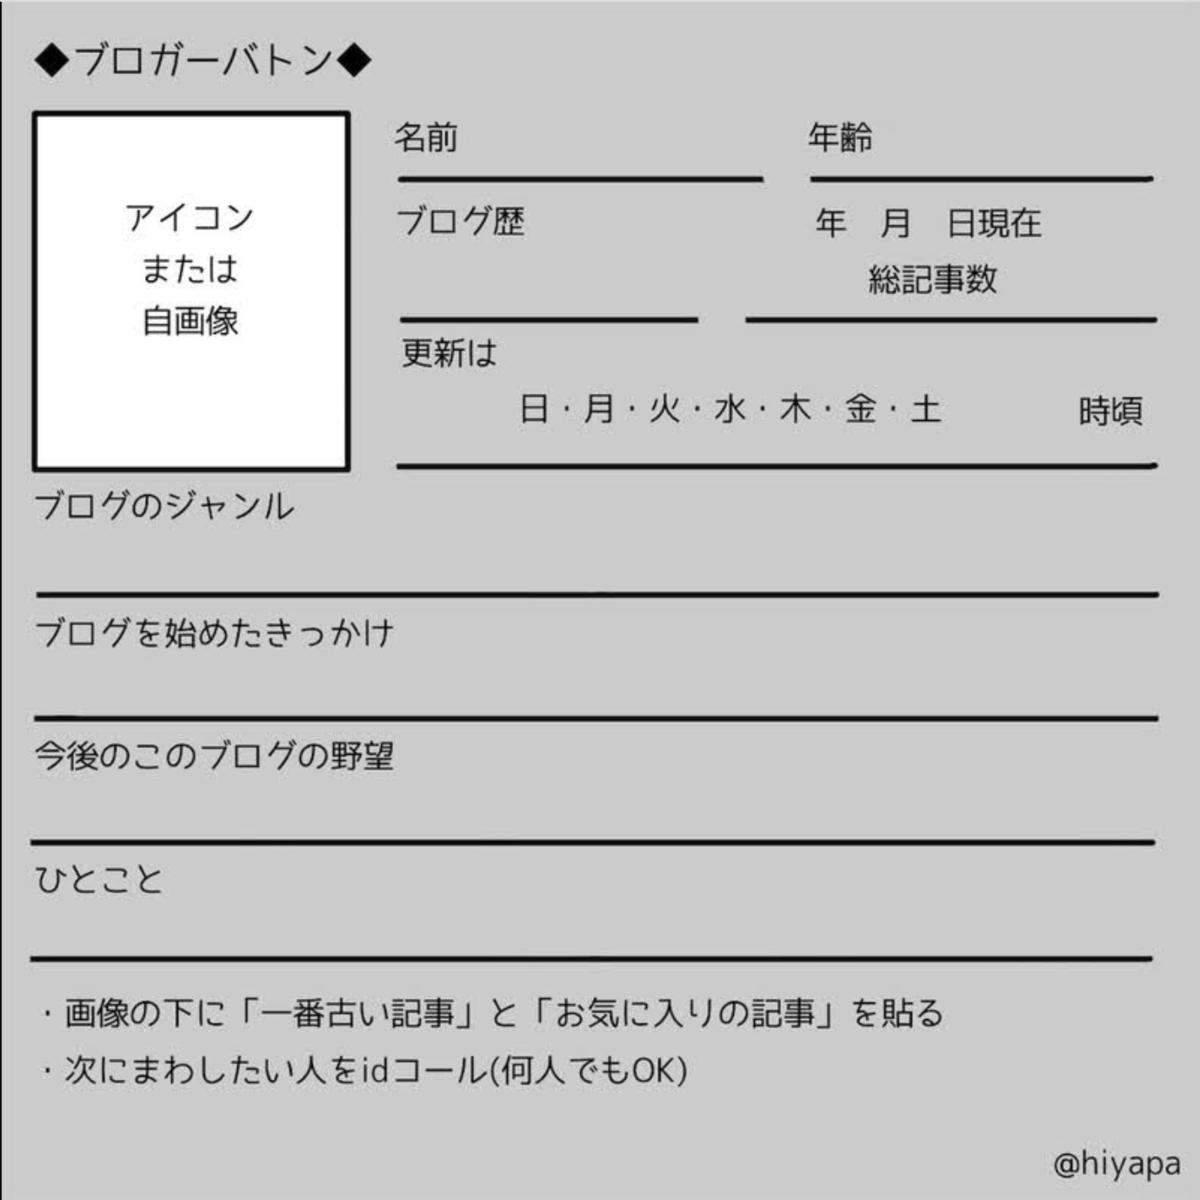 f:id:daiki-em:20200707165443p:plain